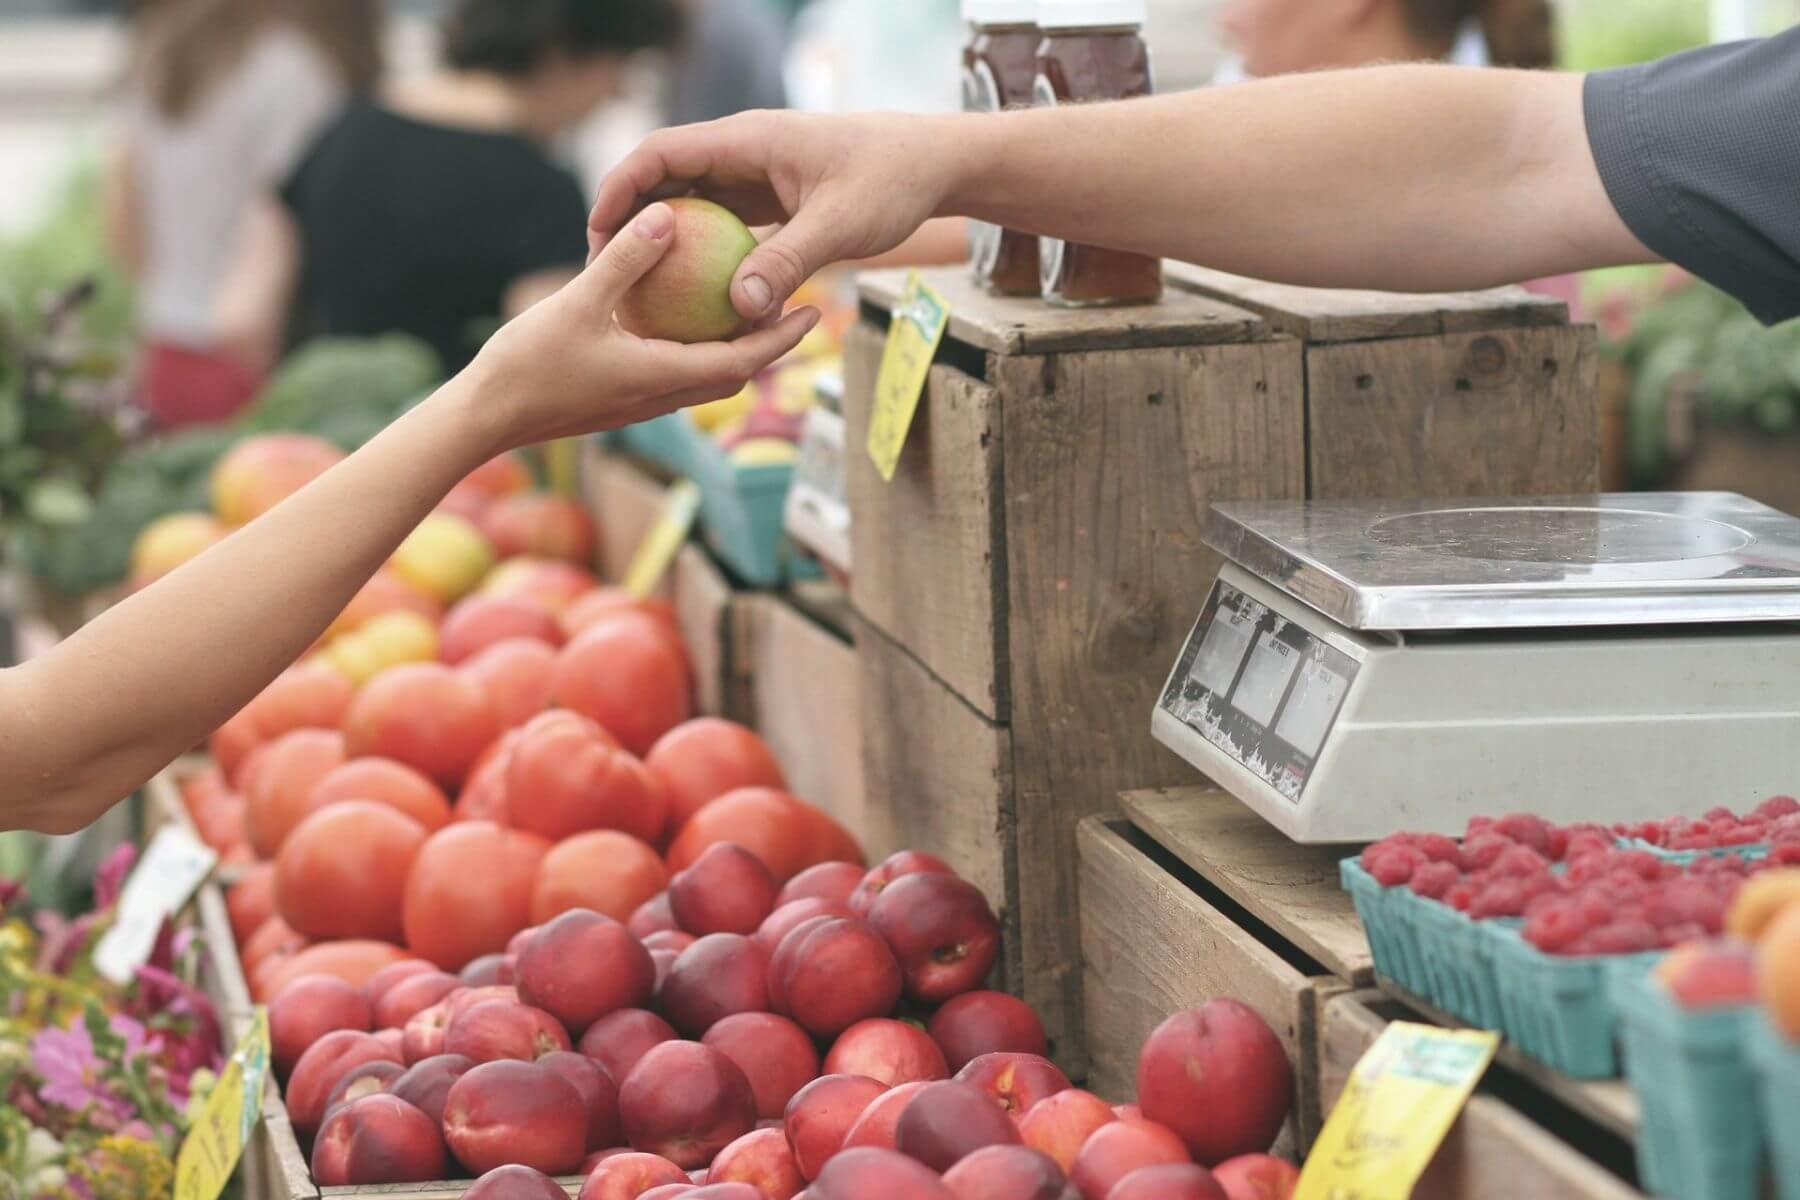 Tomates que saben a tomate: los mercados ecológicos nos traen el verdadero sabor de la huerta